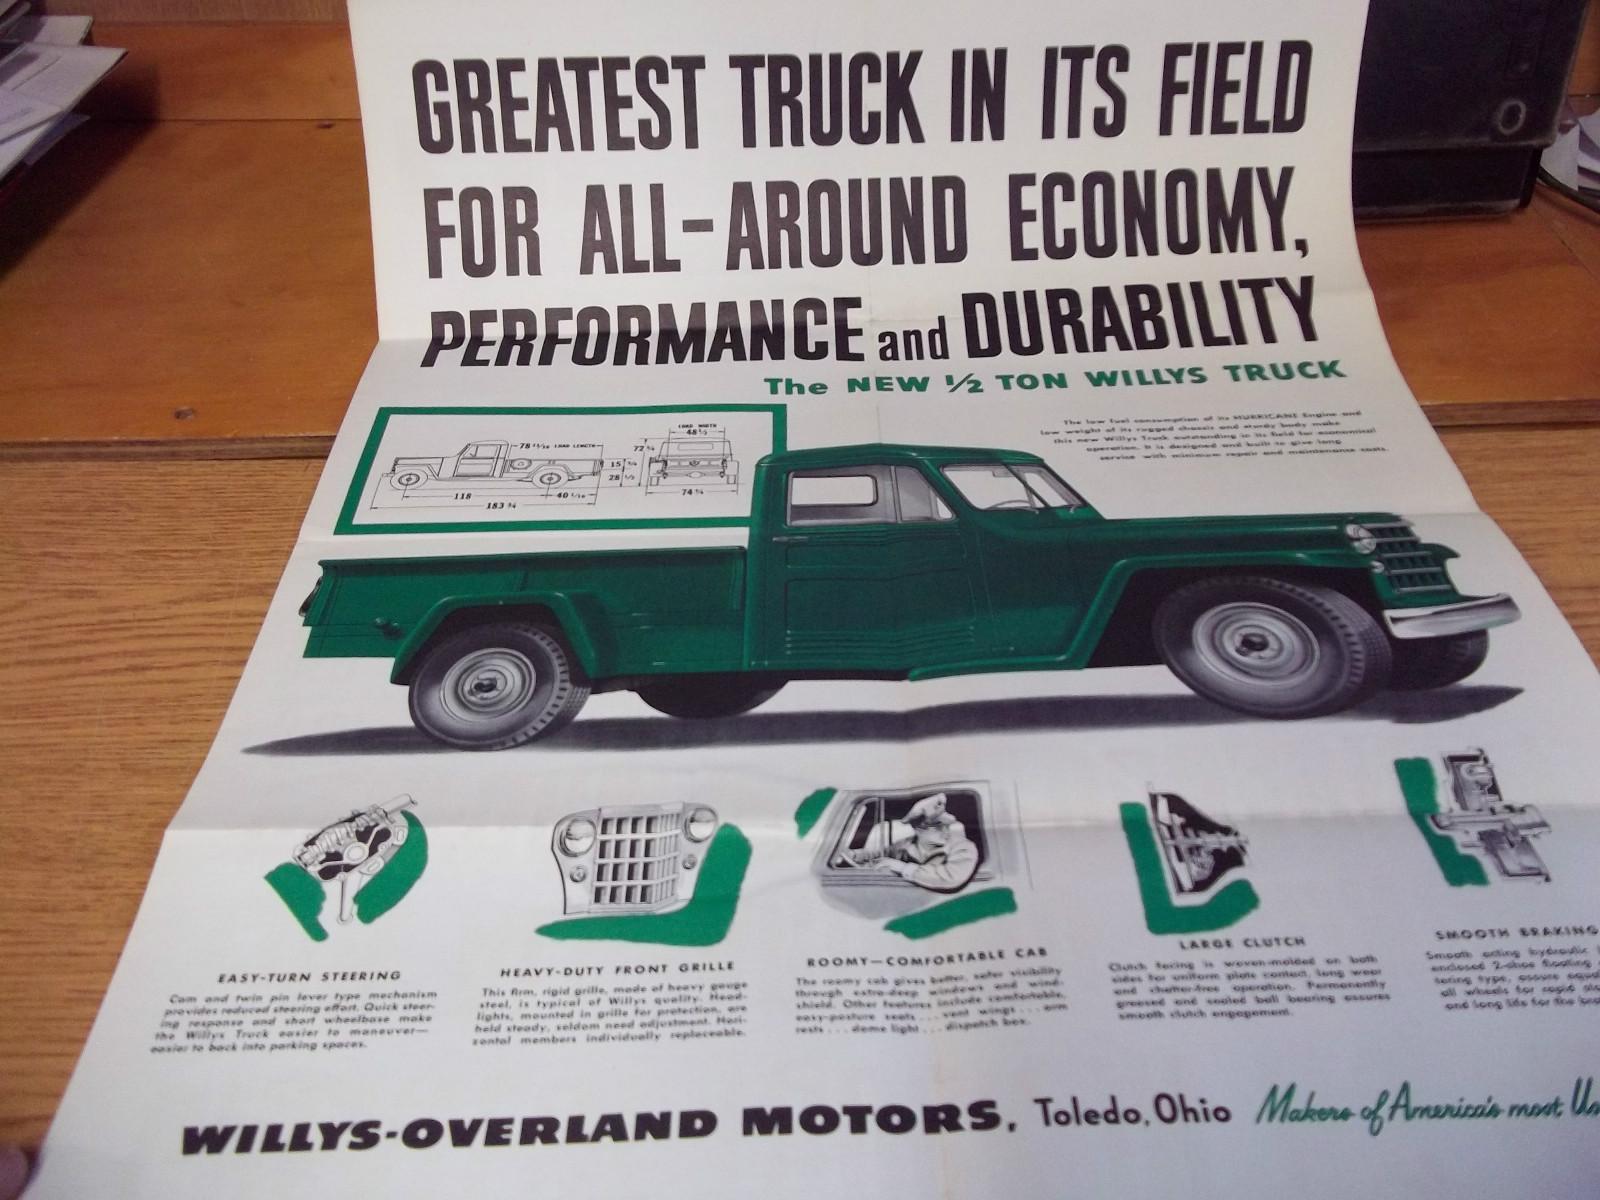 1950s Truck Foldout Brochure on eBay   eWillys